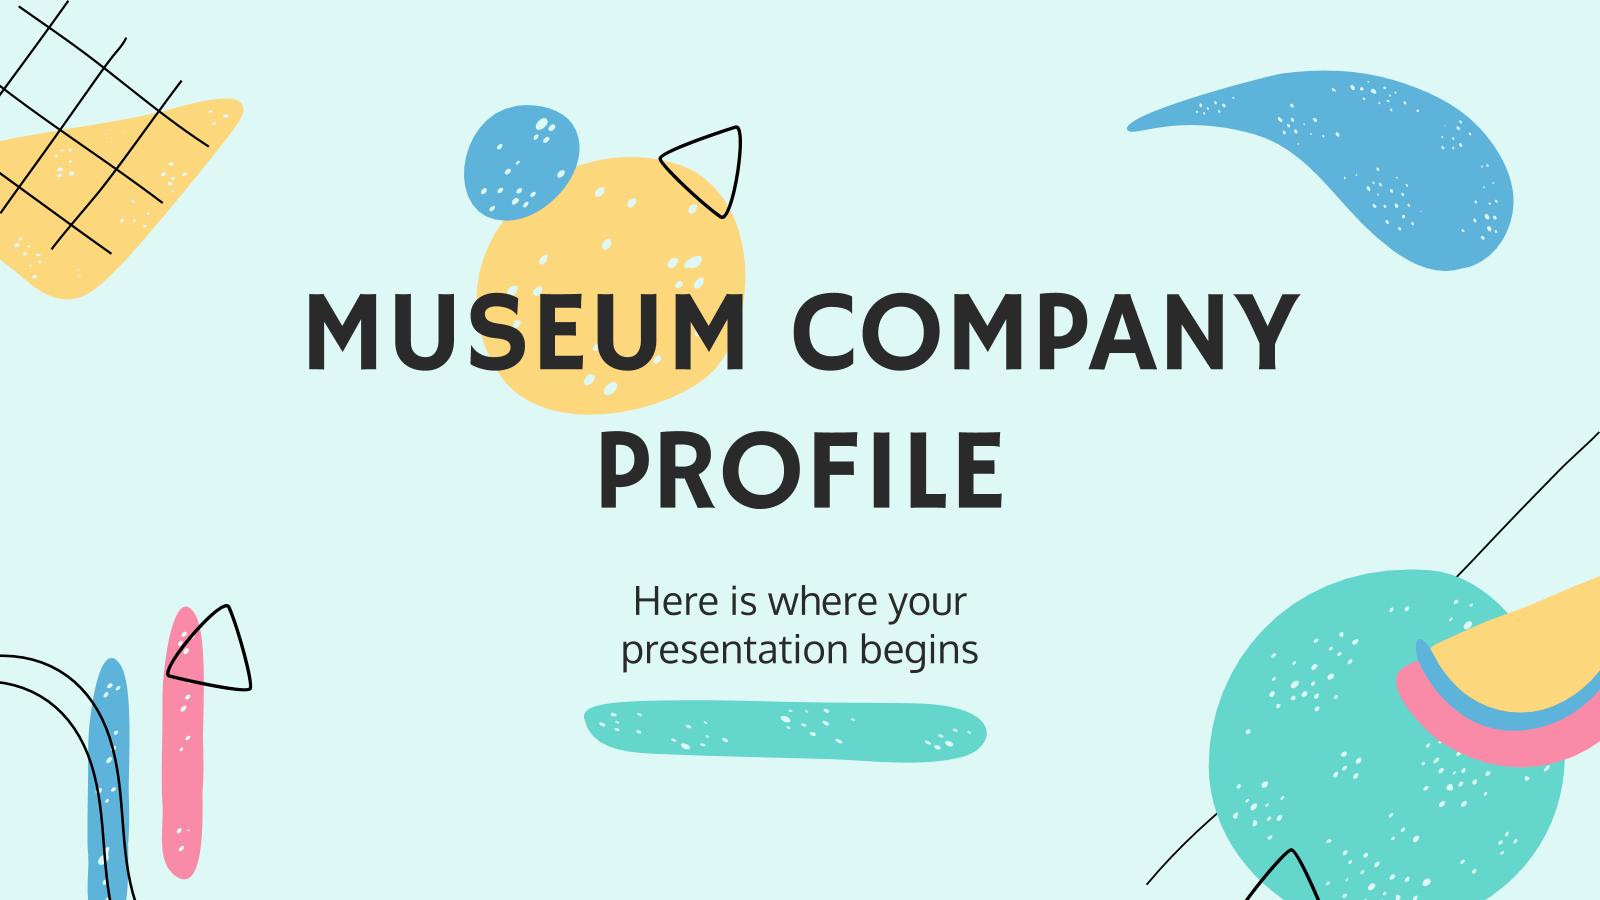 Plantilla de presentación Perfil de compañía de un museo